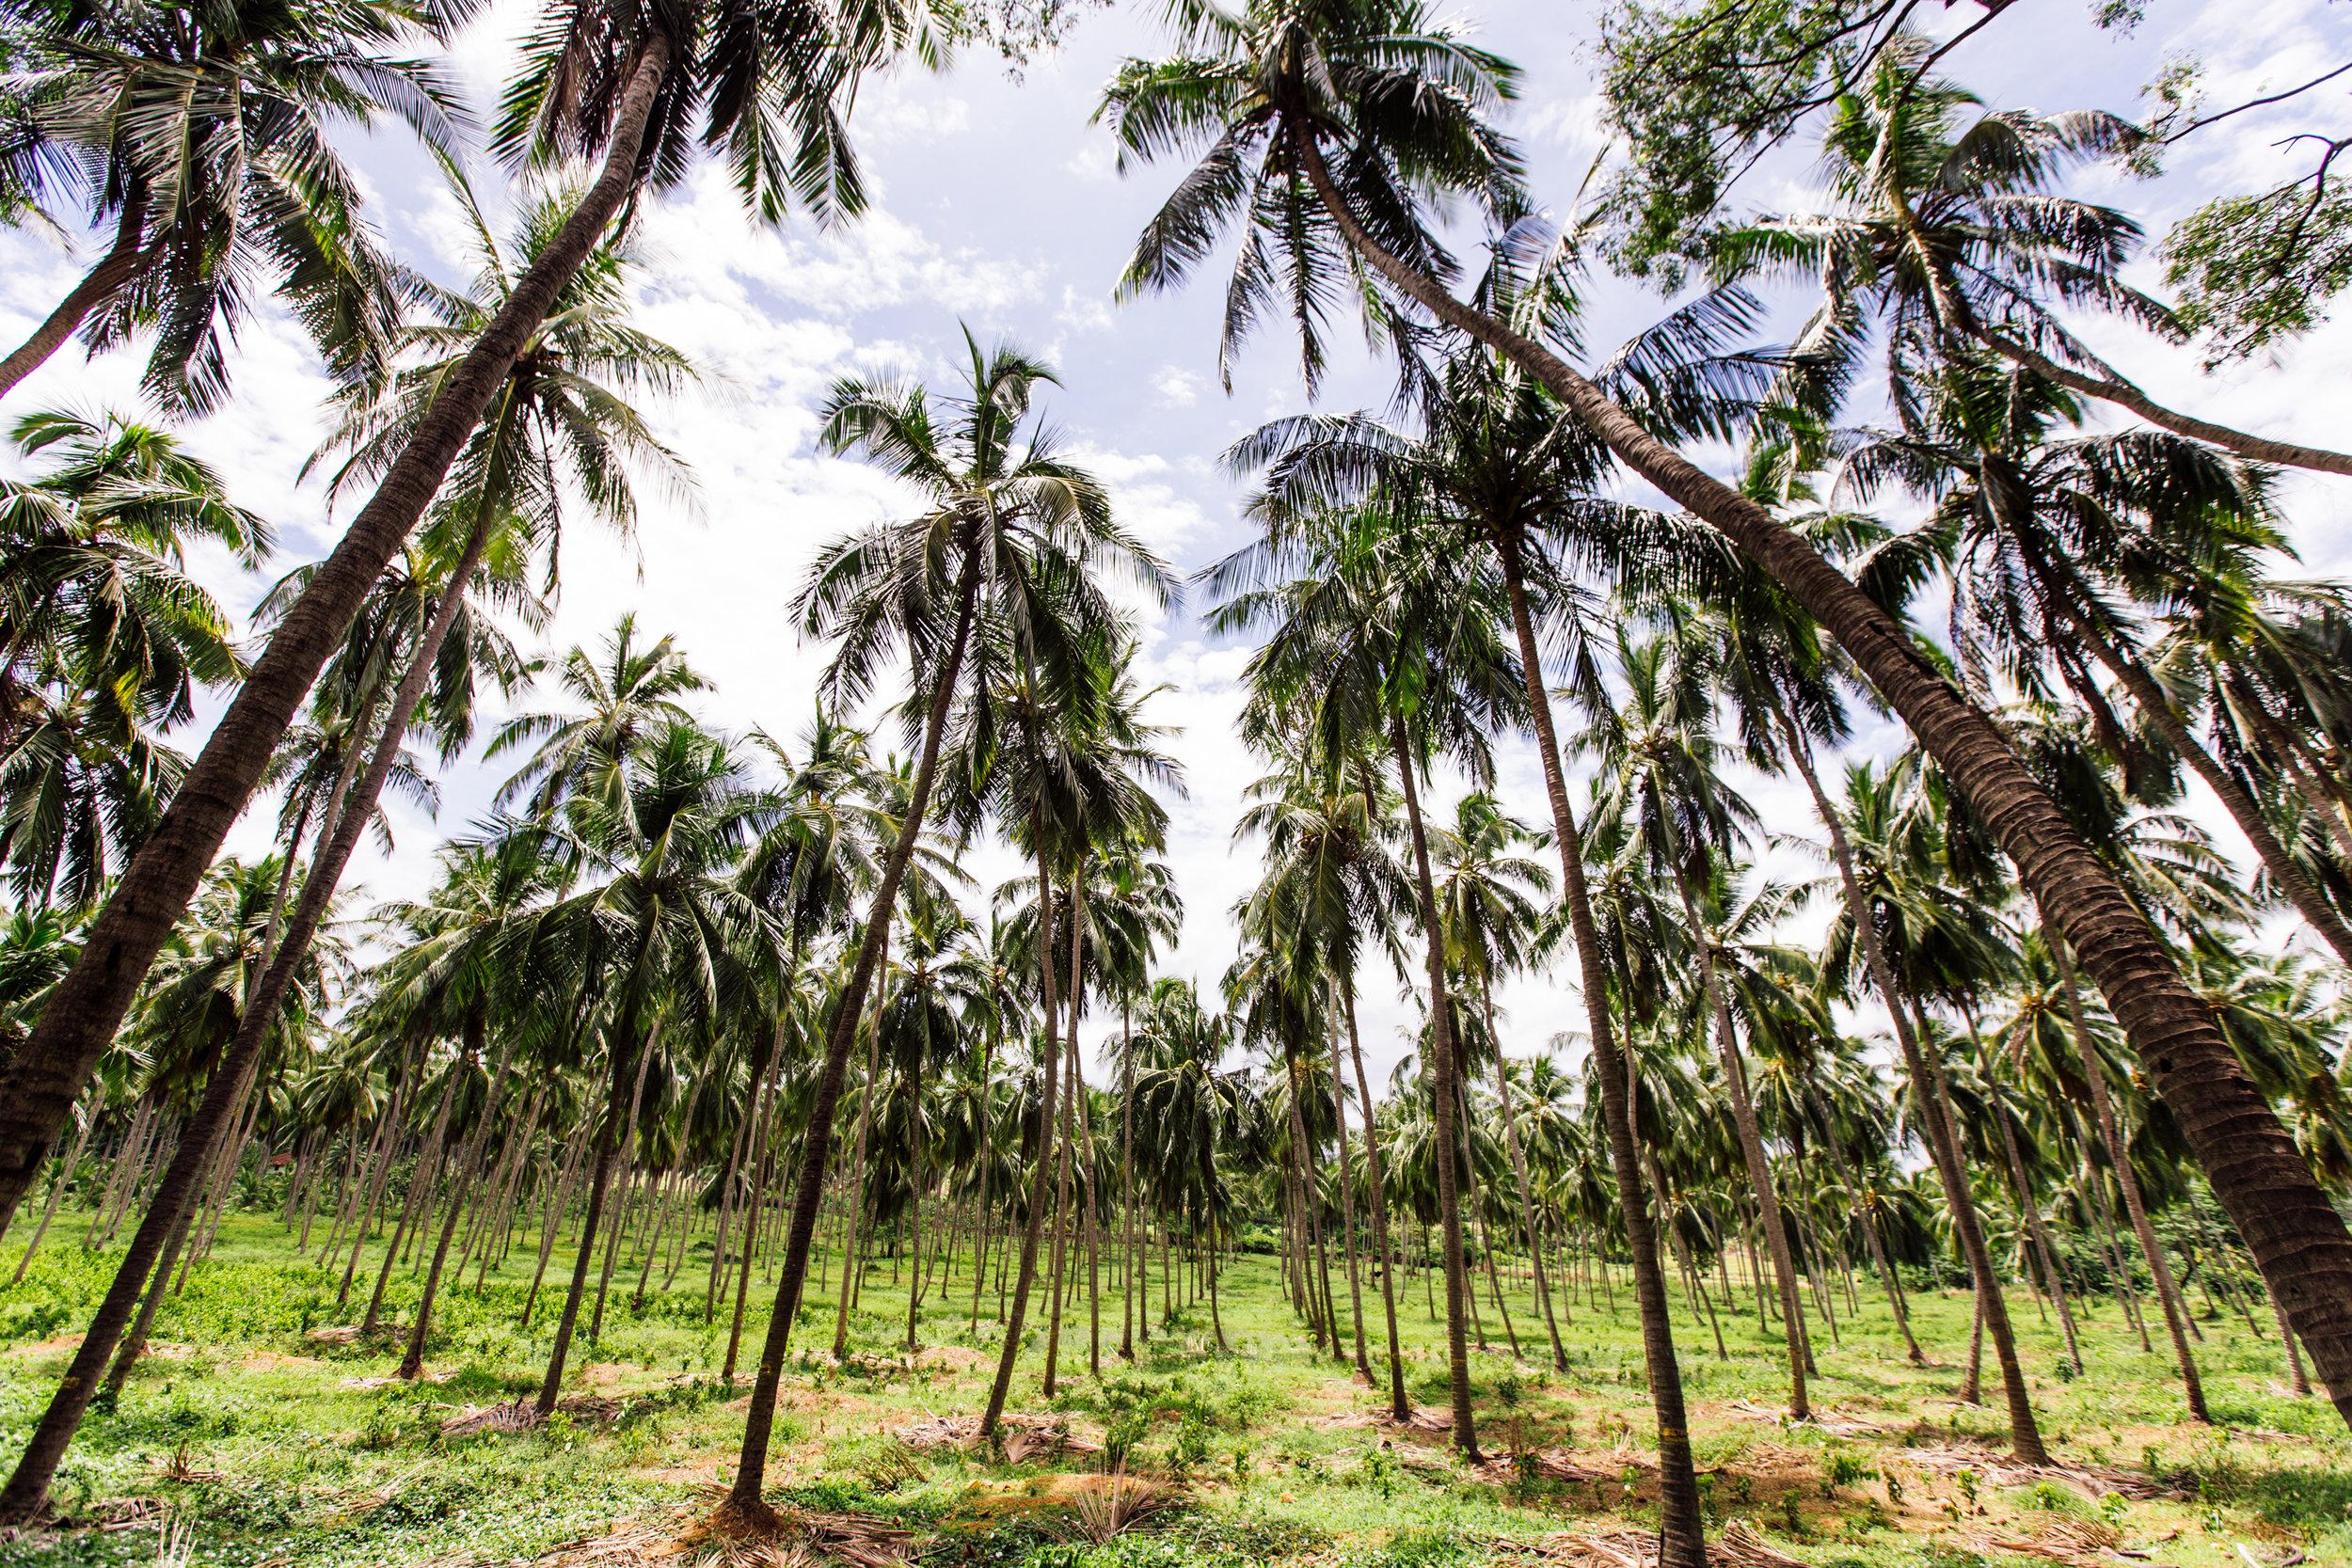 Delicious-SriLanka-PhotosCarolineMcCredie-Hi-26.jpg